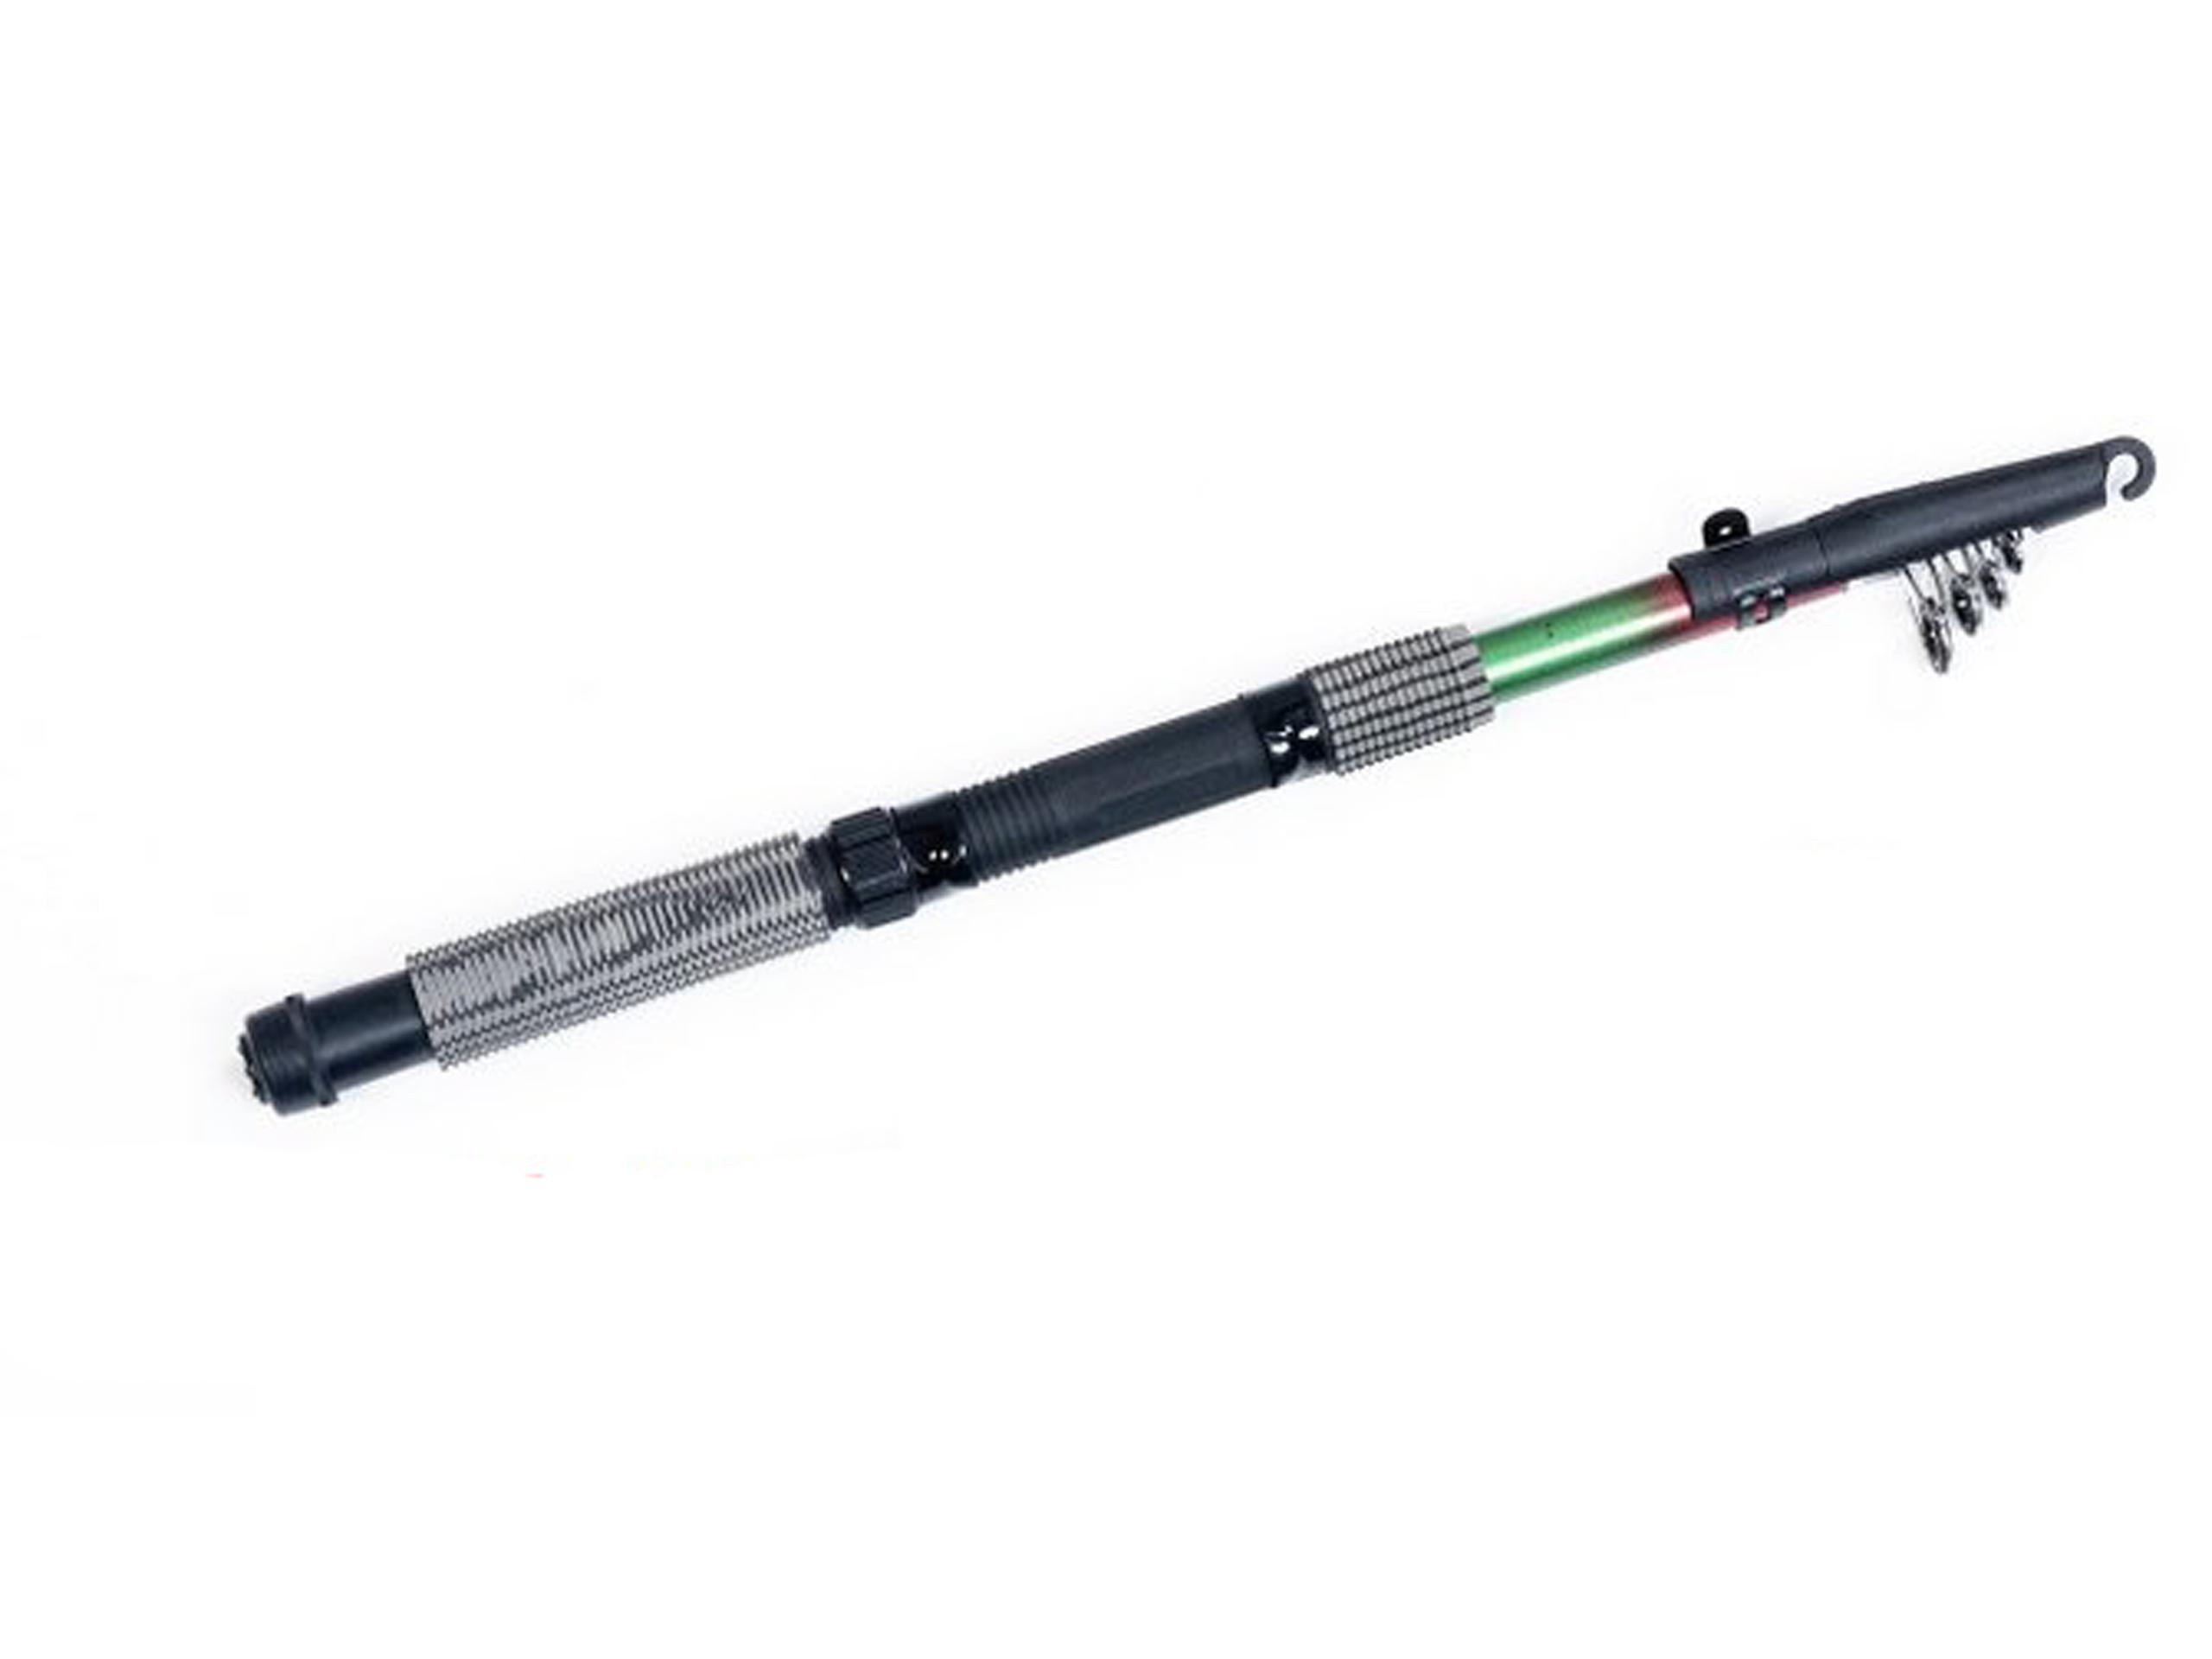 Teleskopický rybársky prút 2.10 na zvlákňovacích plavákových tyčí